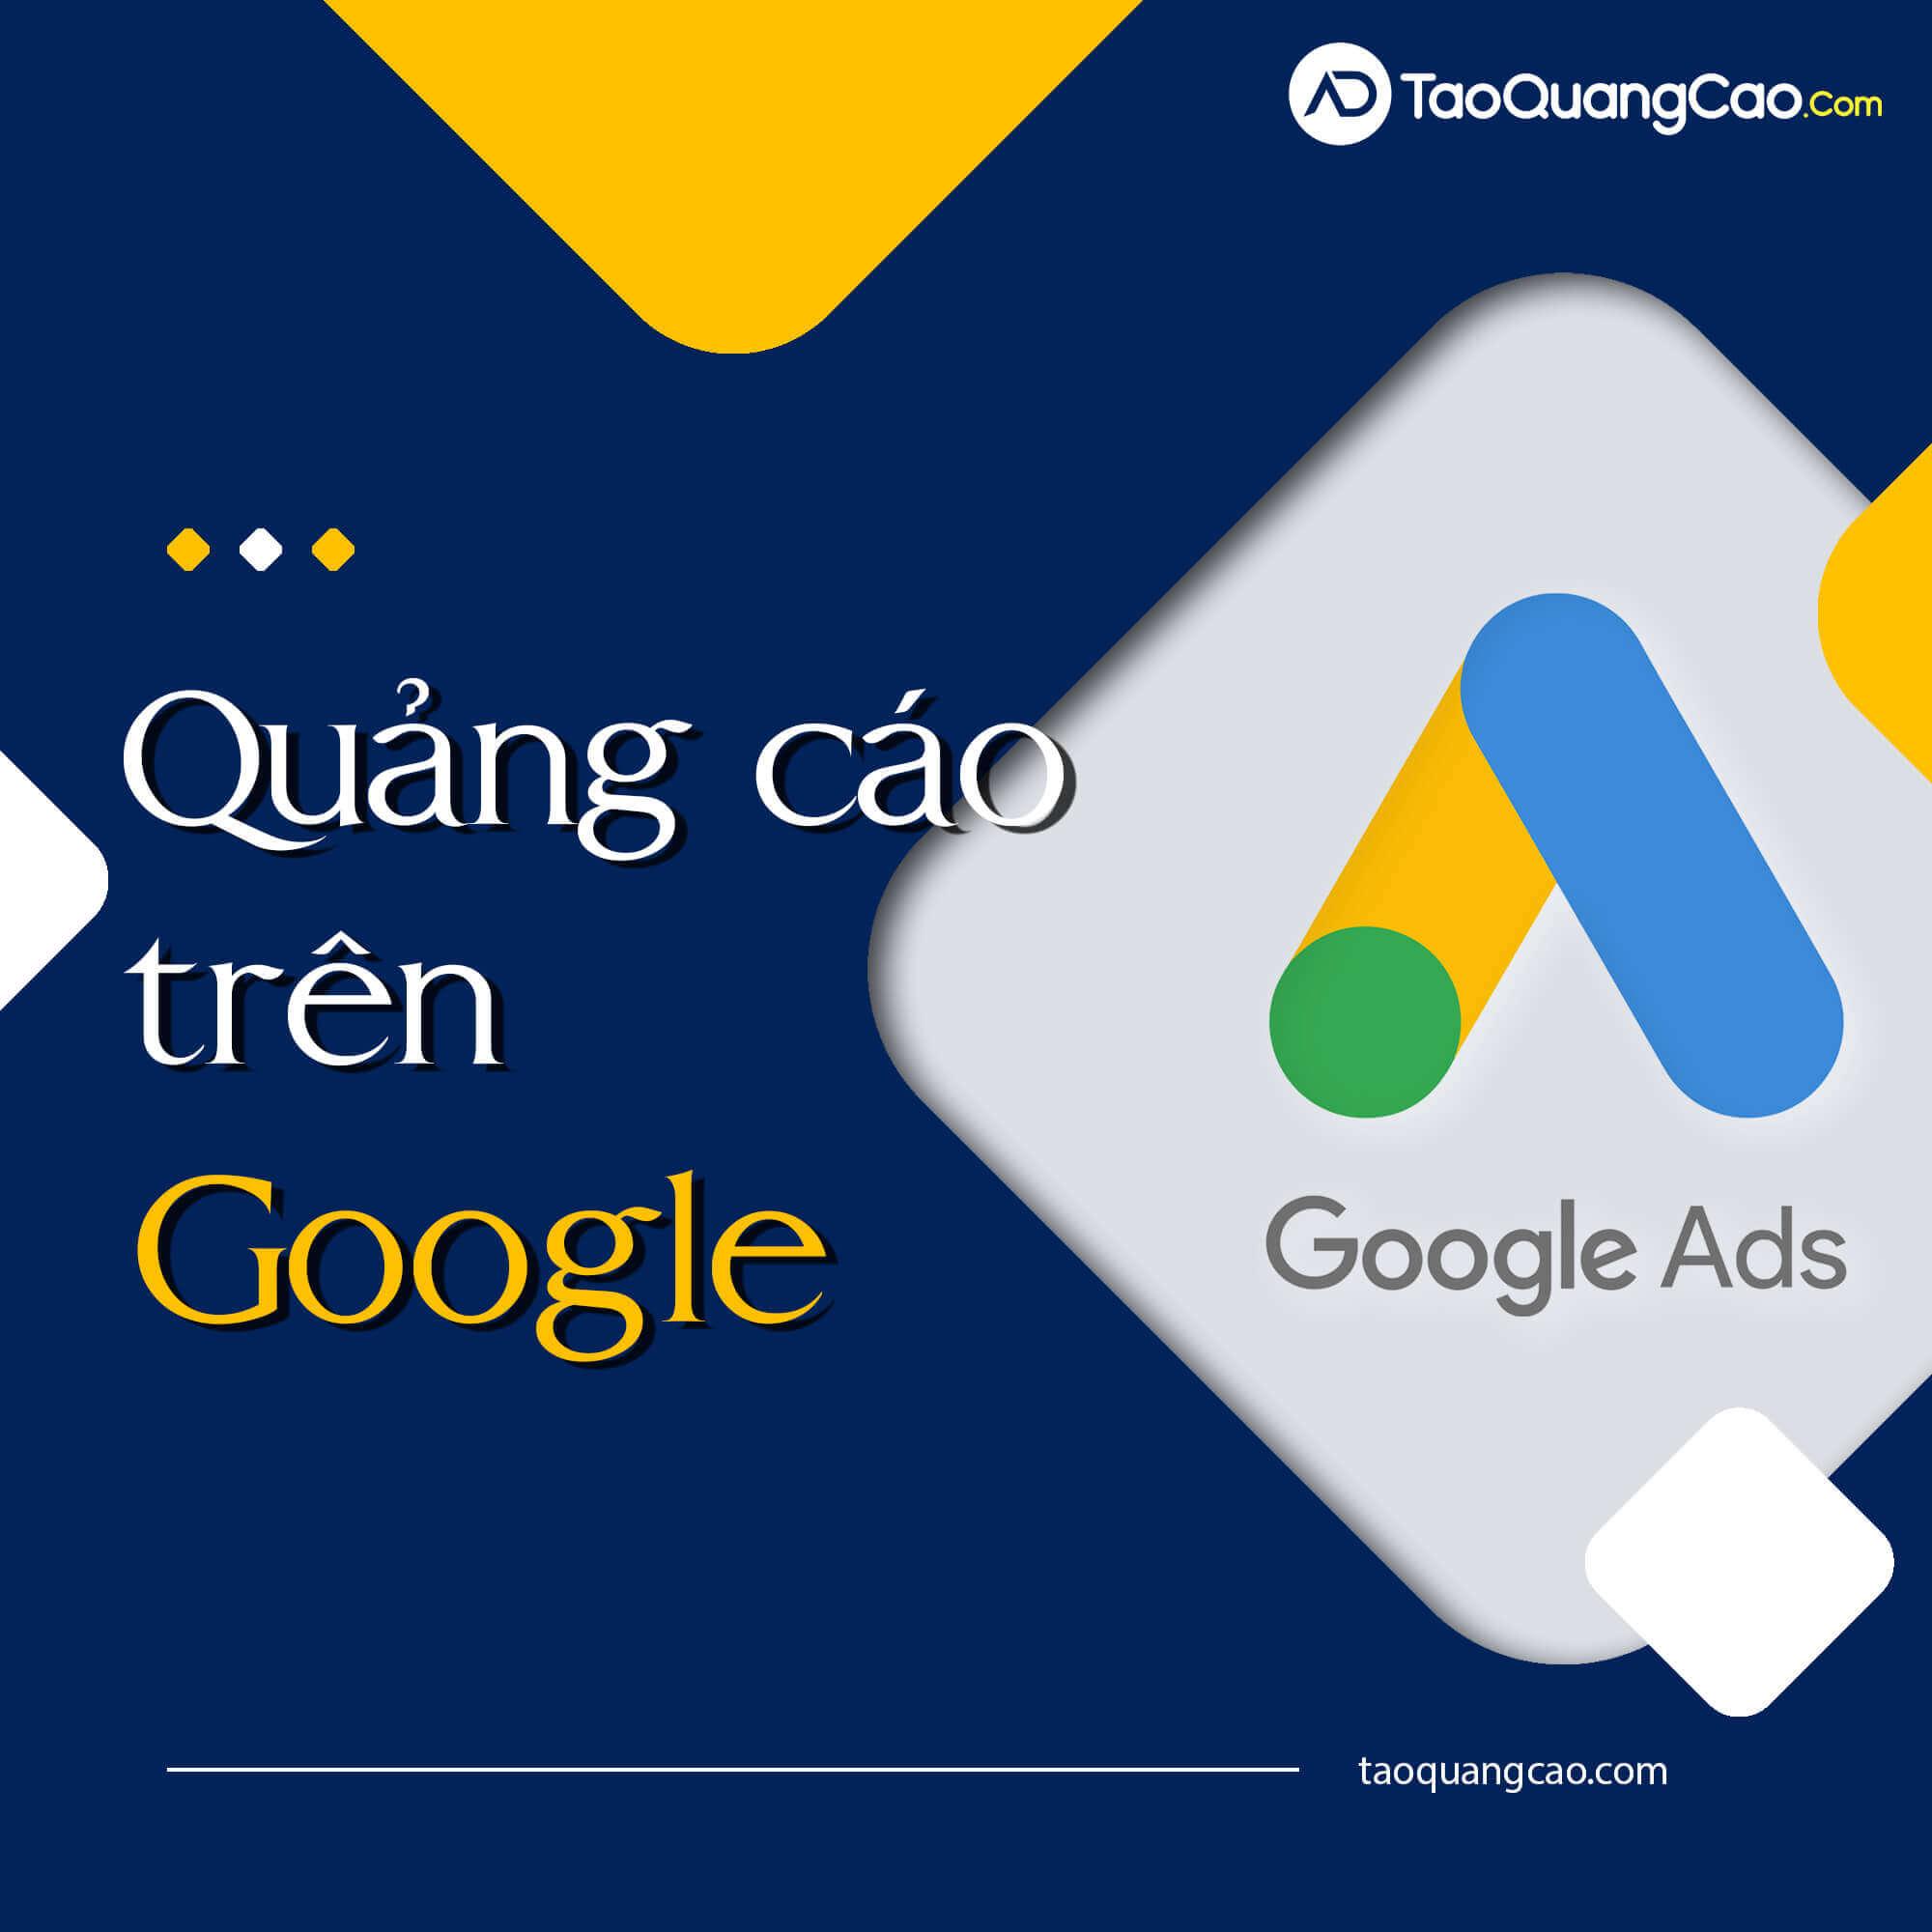 QuangCaoTrenGoogle